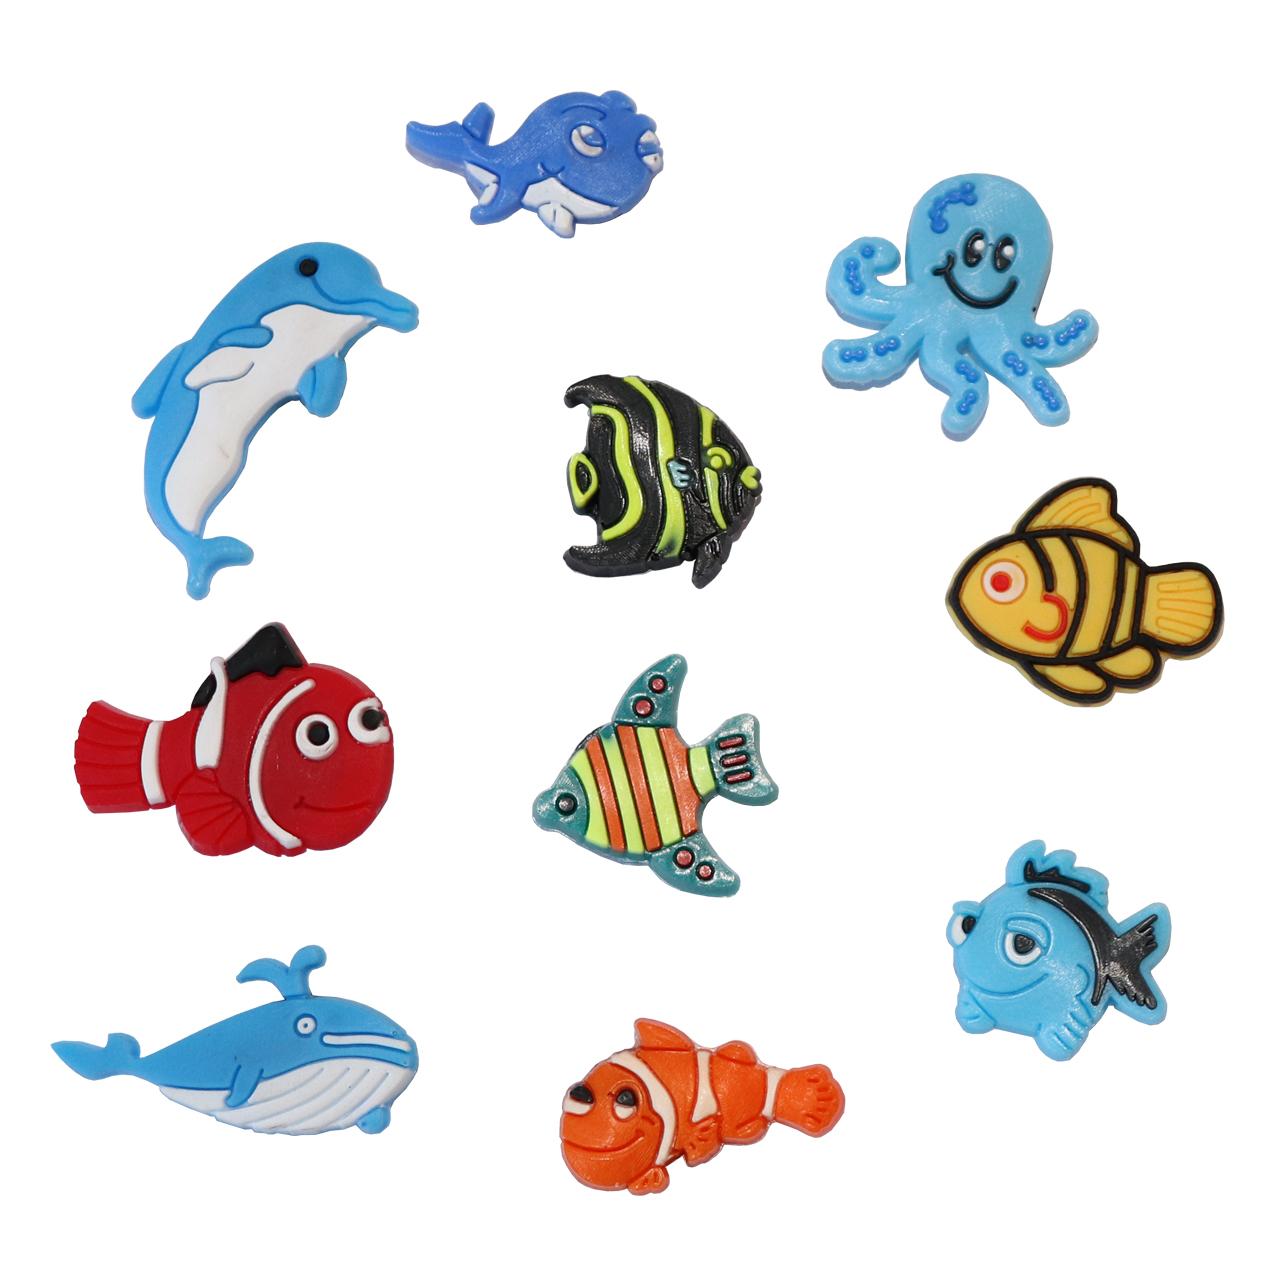 مگنت یخچال مدل fish مجموعه 10 عددی